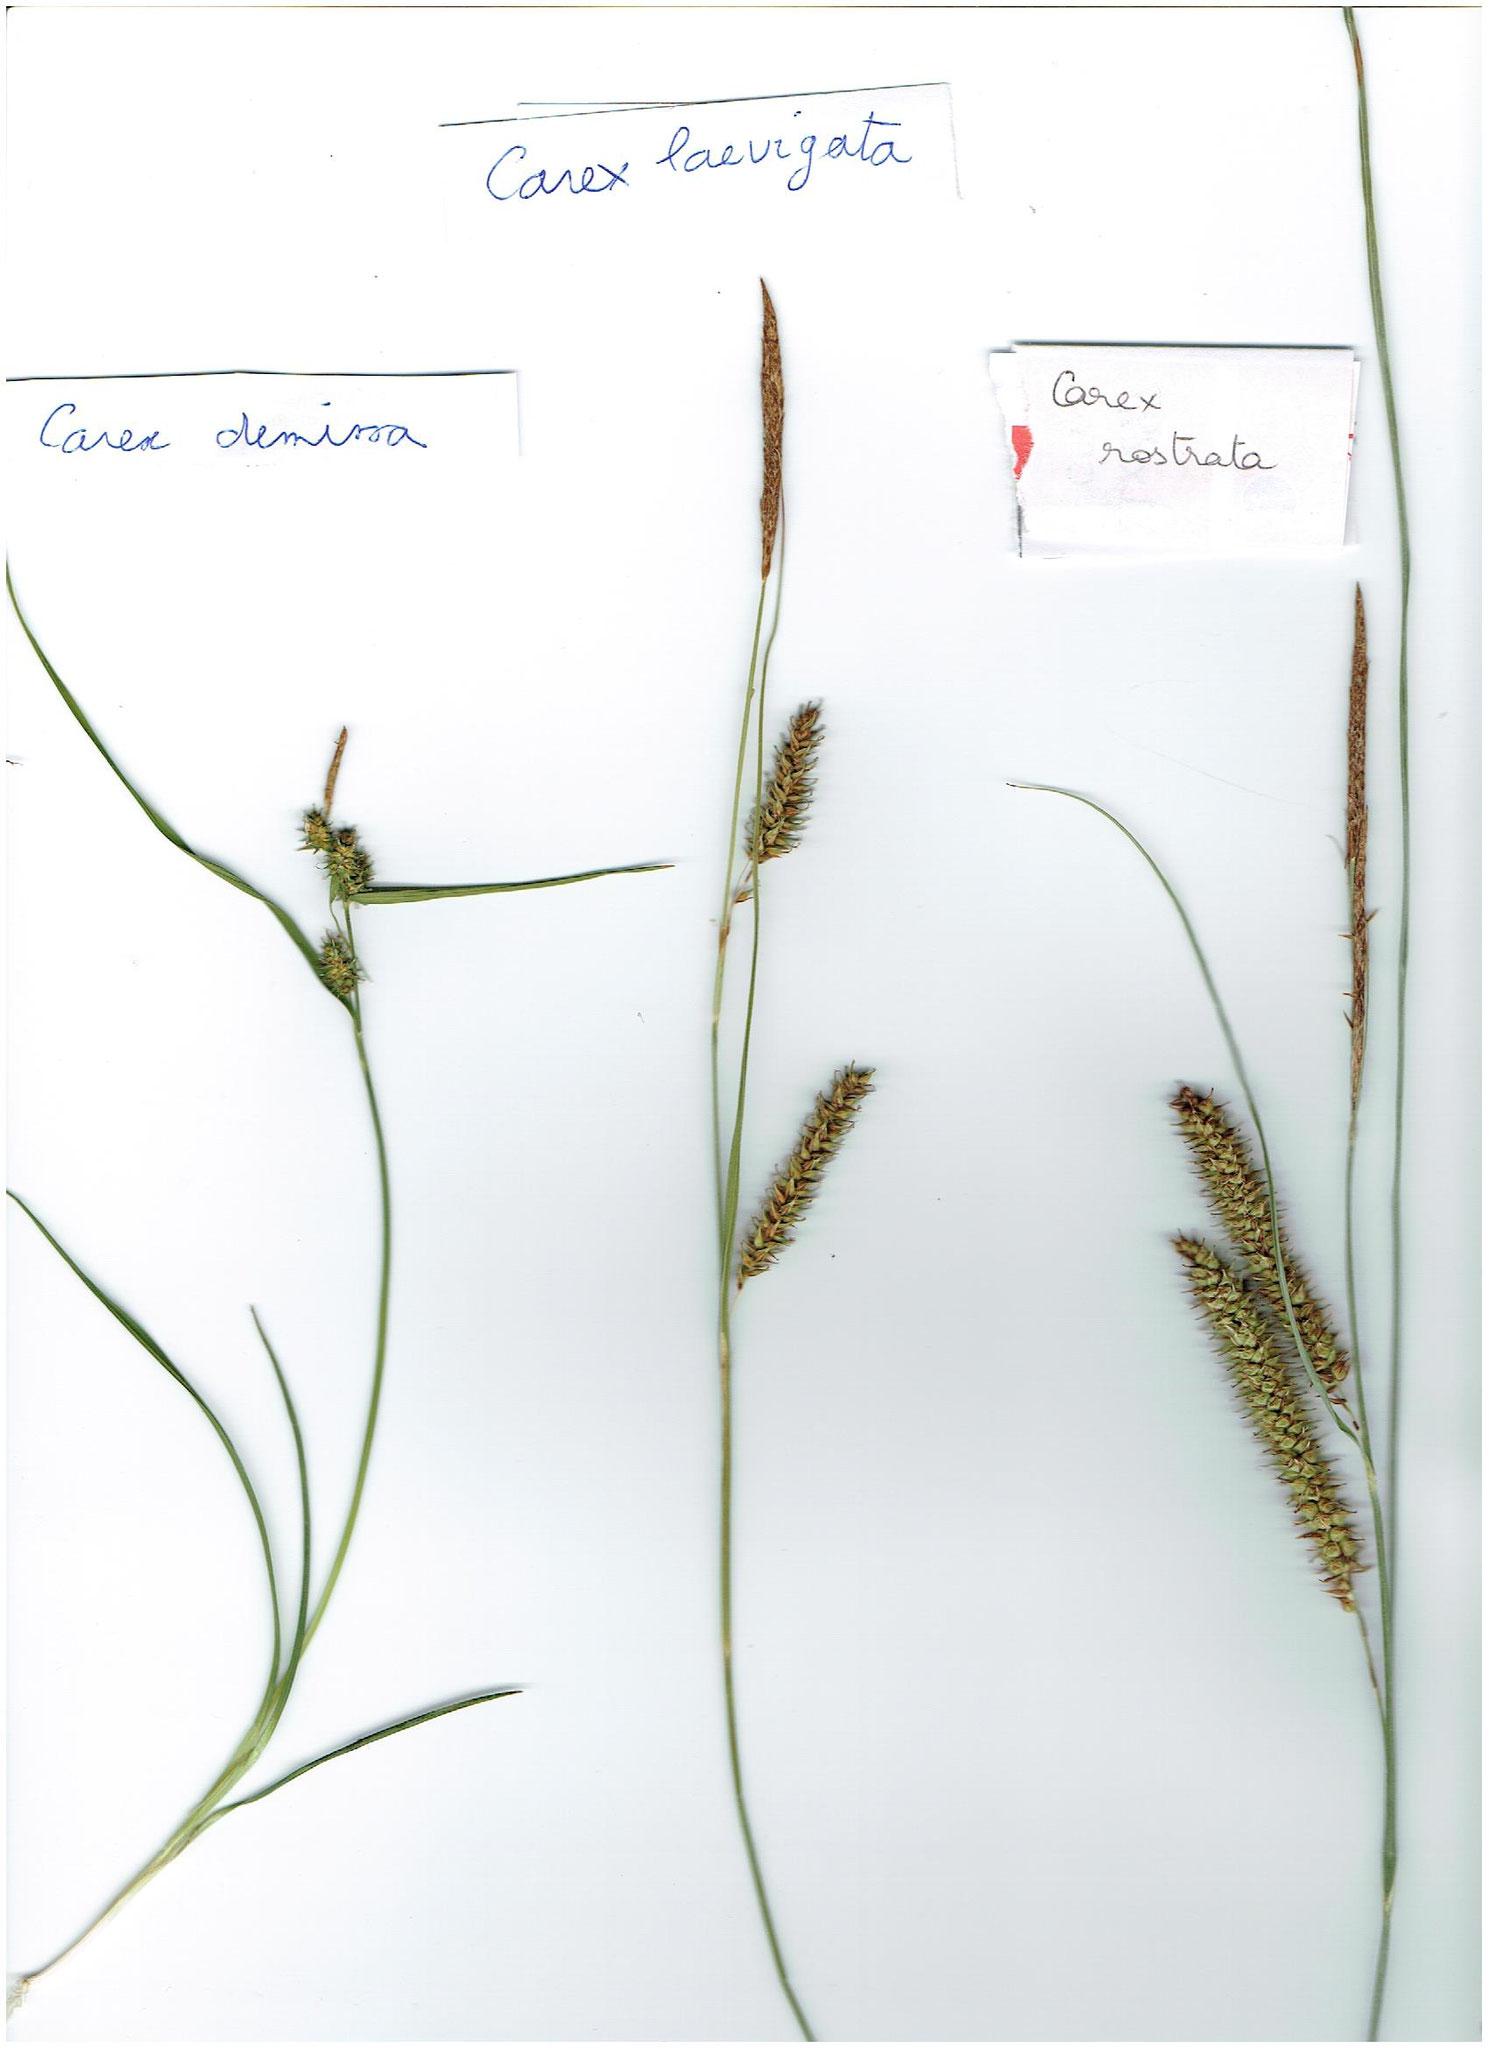 Carex demissa, laevigata et rostrata © AMV (A. Bifolchi & T. Simon)